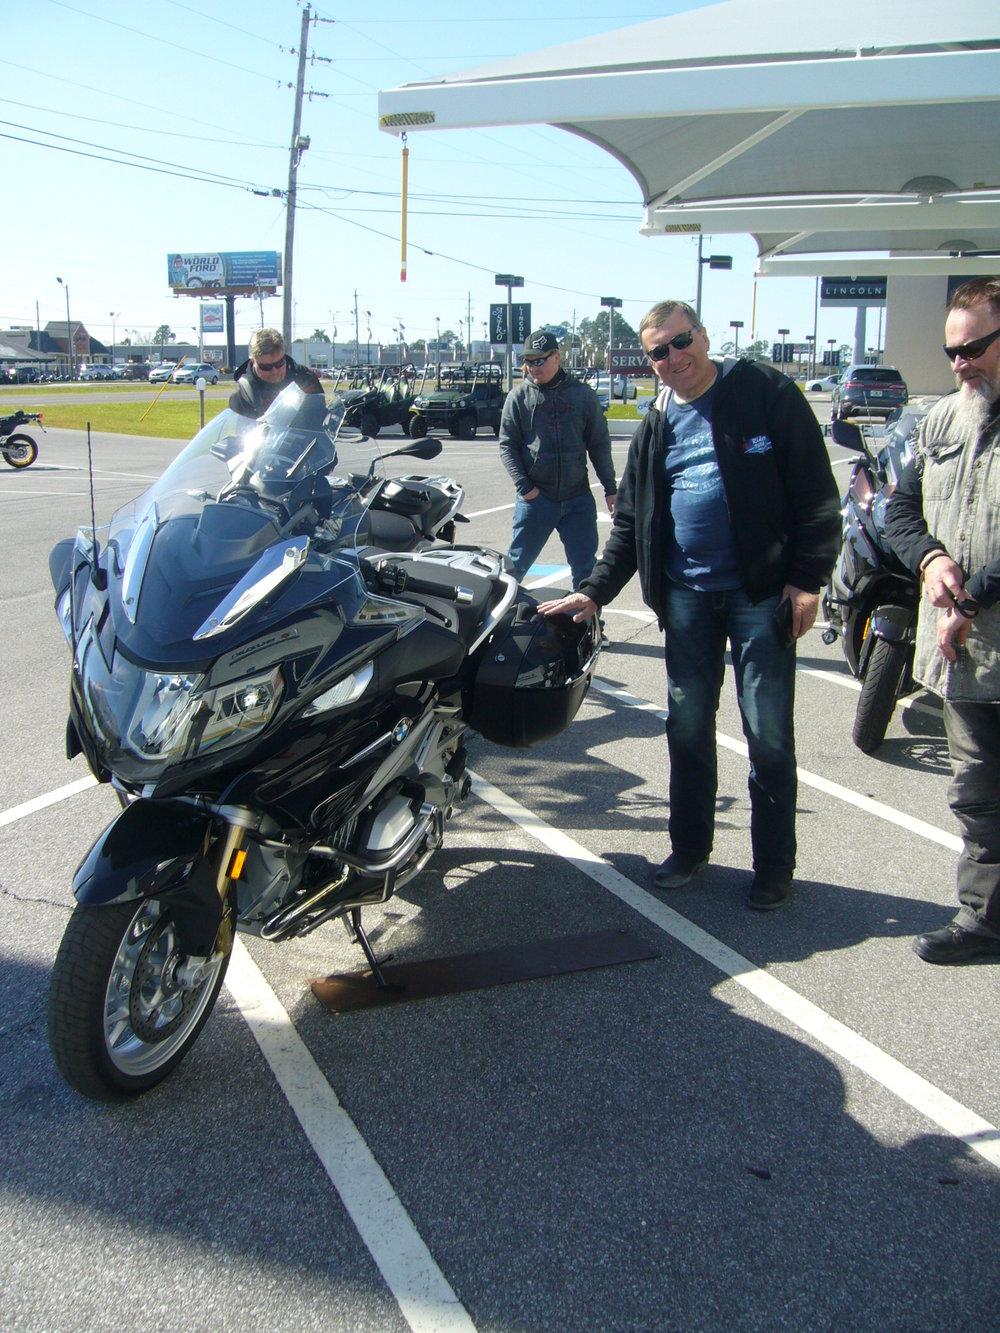 Voi sitä hymyn määrää Harryn kasvoilla! Täällä on moottoripyörä! Huomatkaa Jarmon hiukan kadehtiva katse.